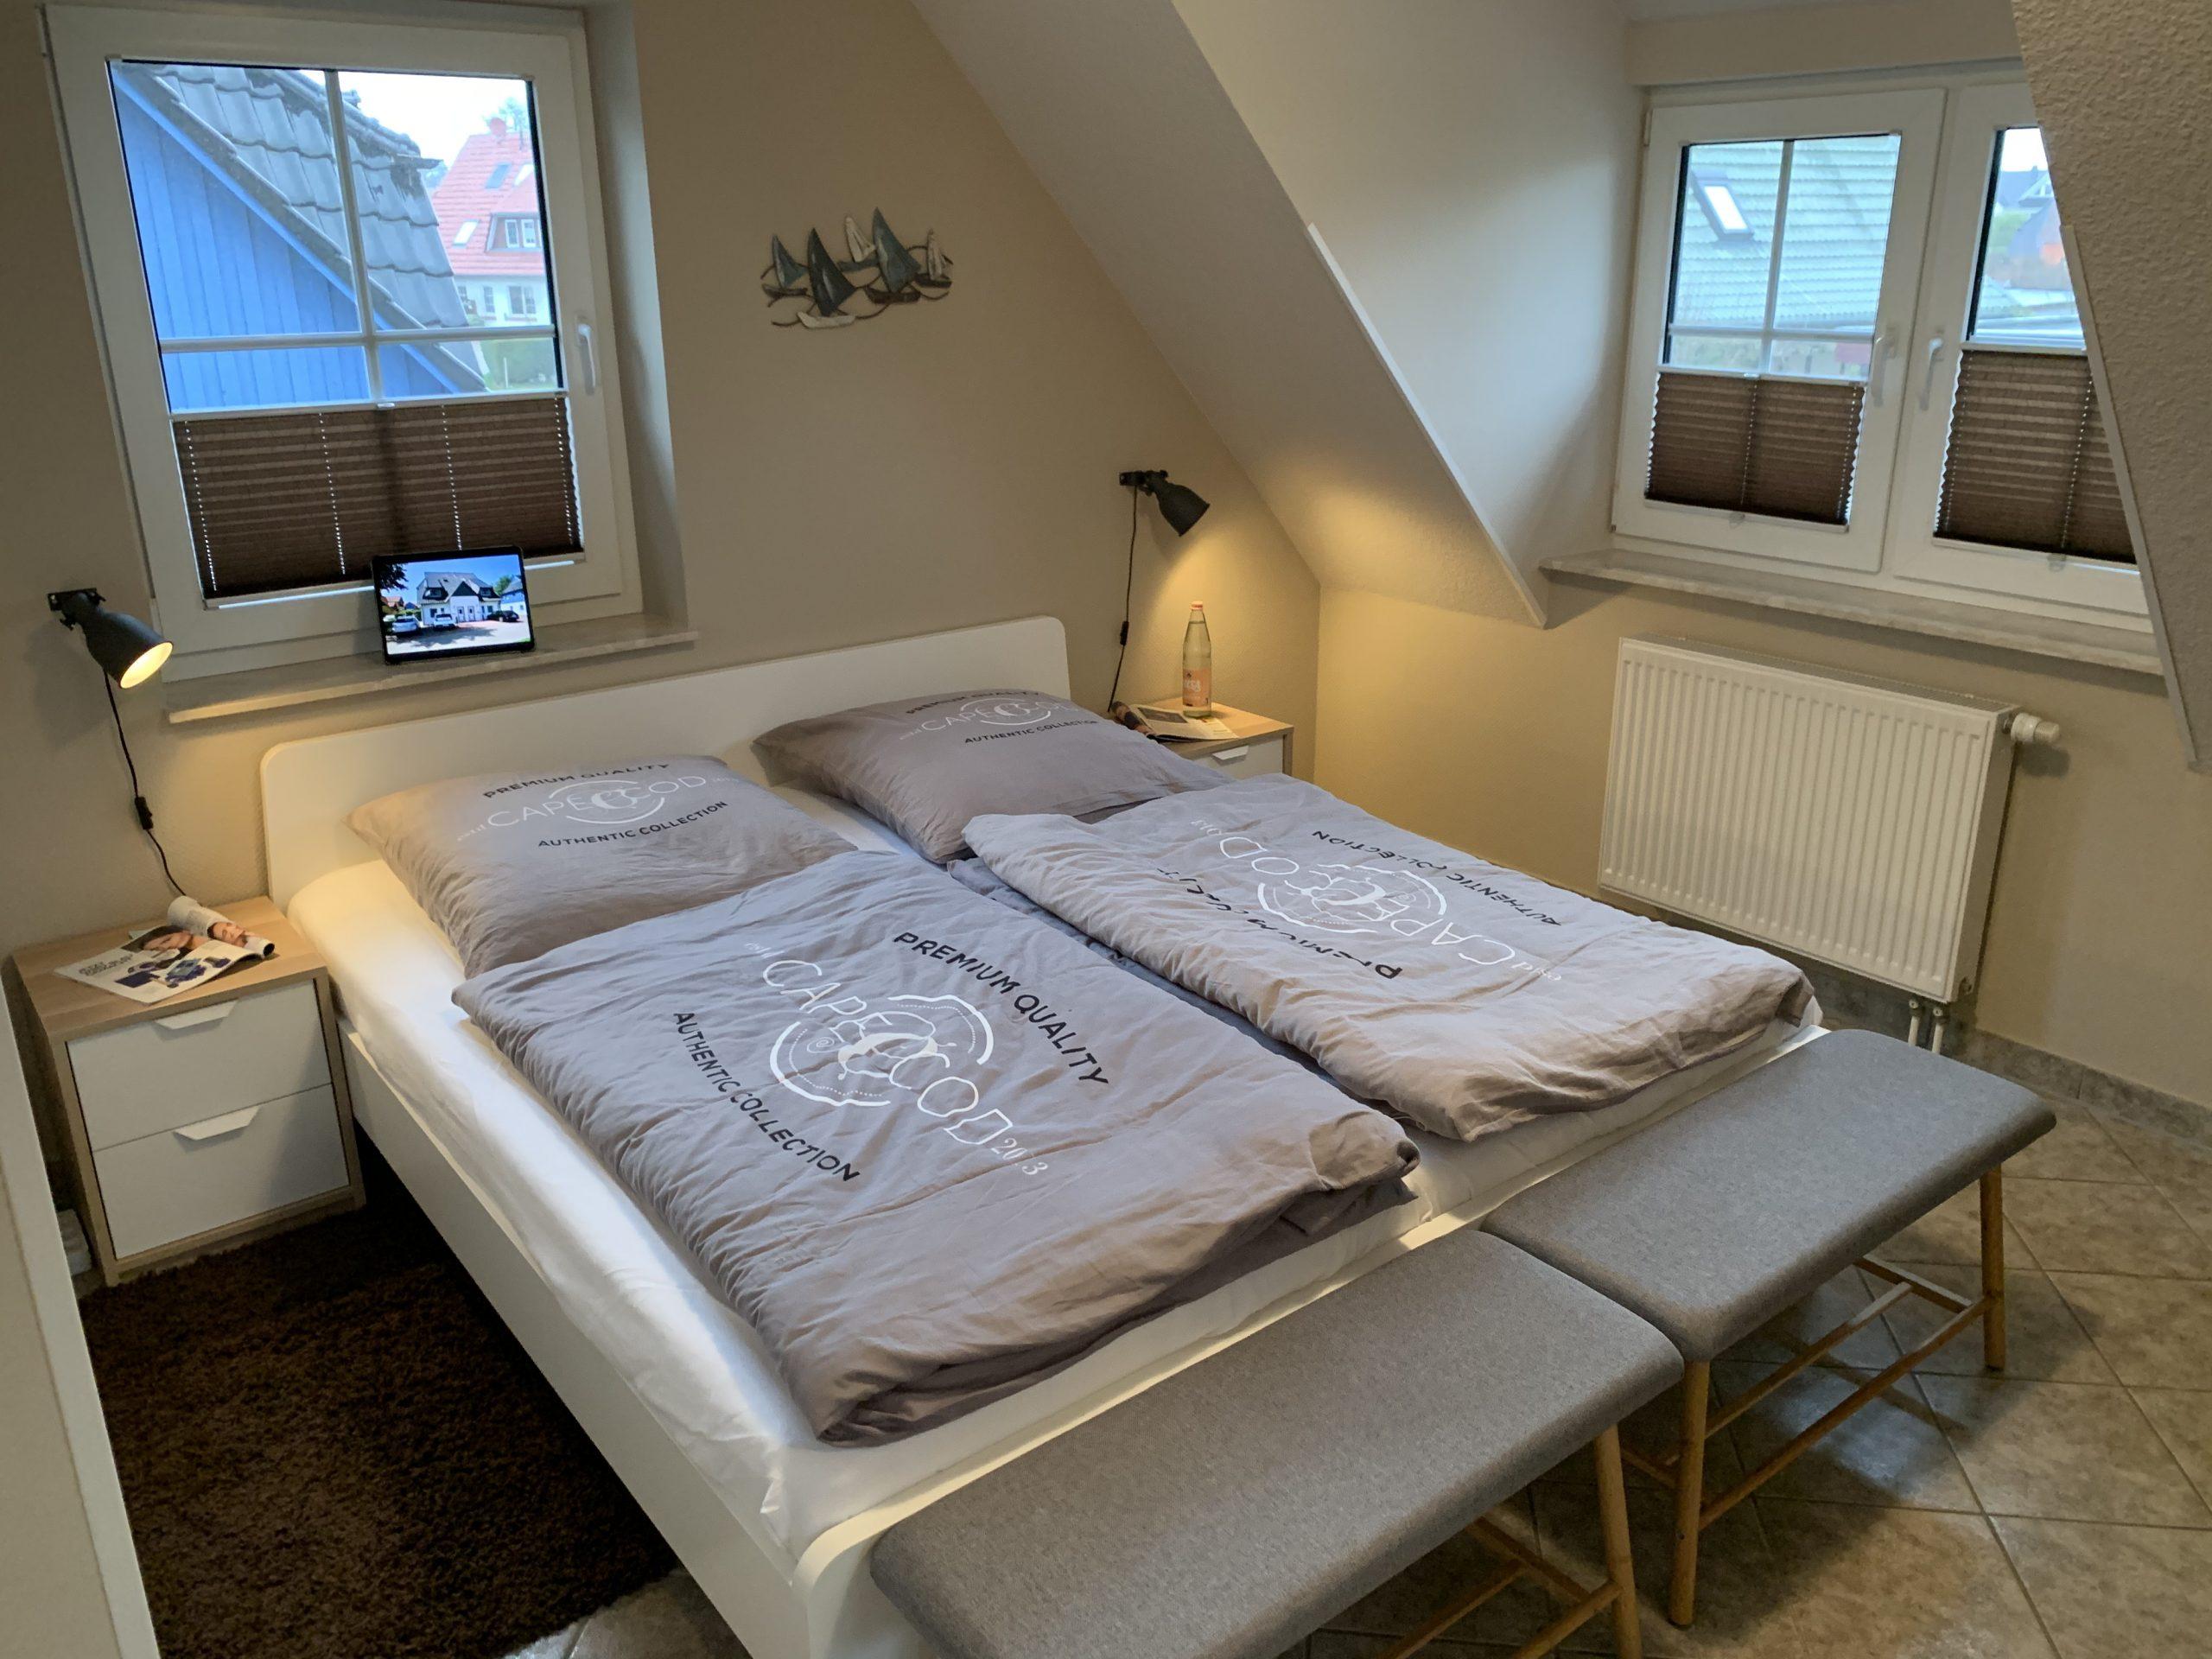 Frisch renoviert in 2020:  Das Schlafzimmer im Obergeschoss verfügt über ein Doppelbett...